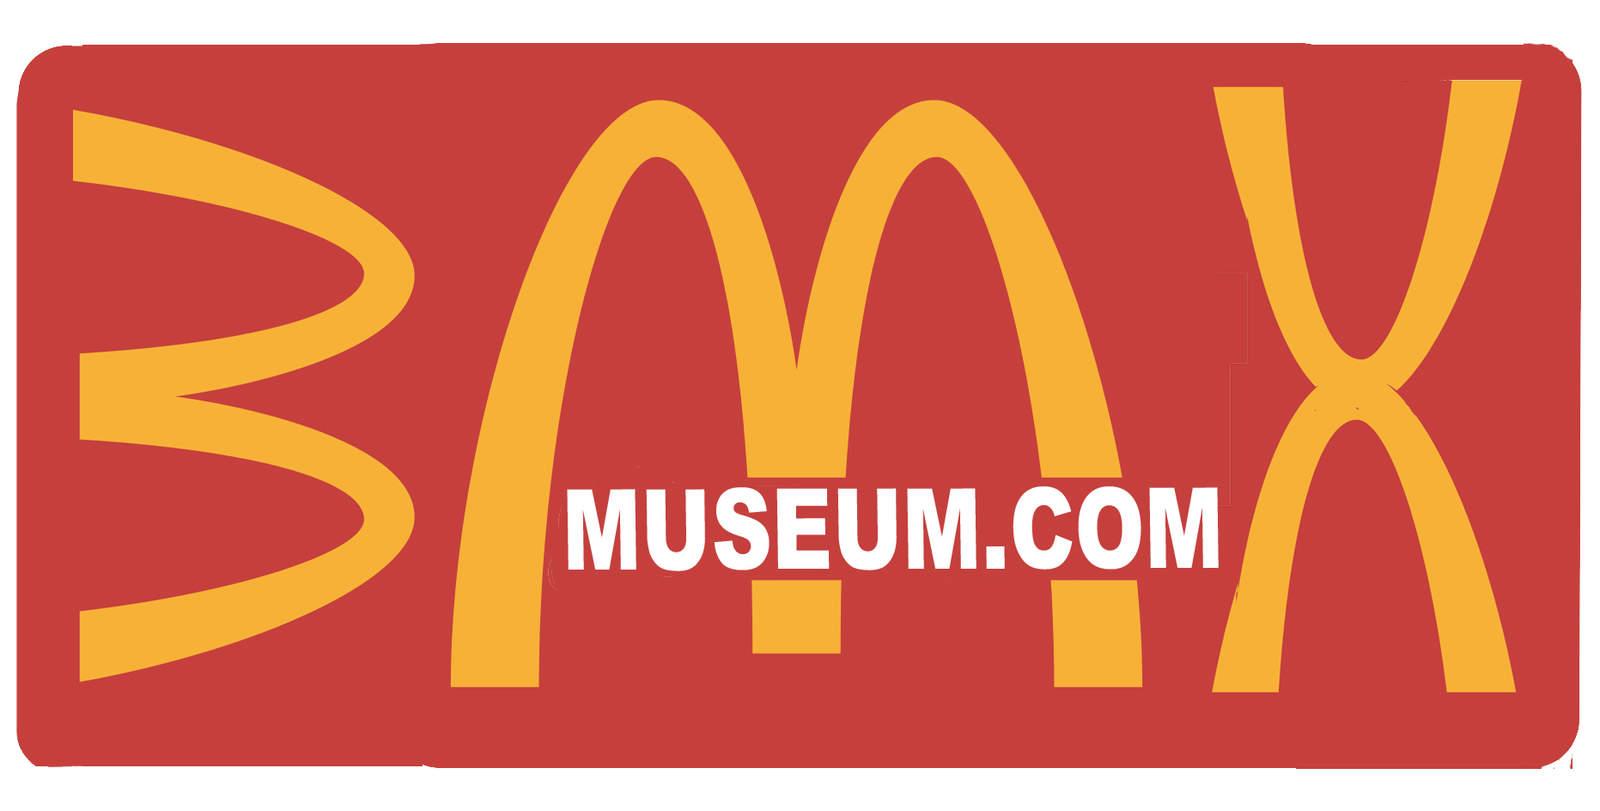 https://s3.amazonaws.com/uploads.bmxmuseum.com/user-images/152/mcmuseum5ae044cea8.jpg